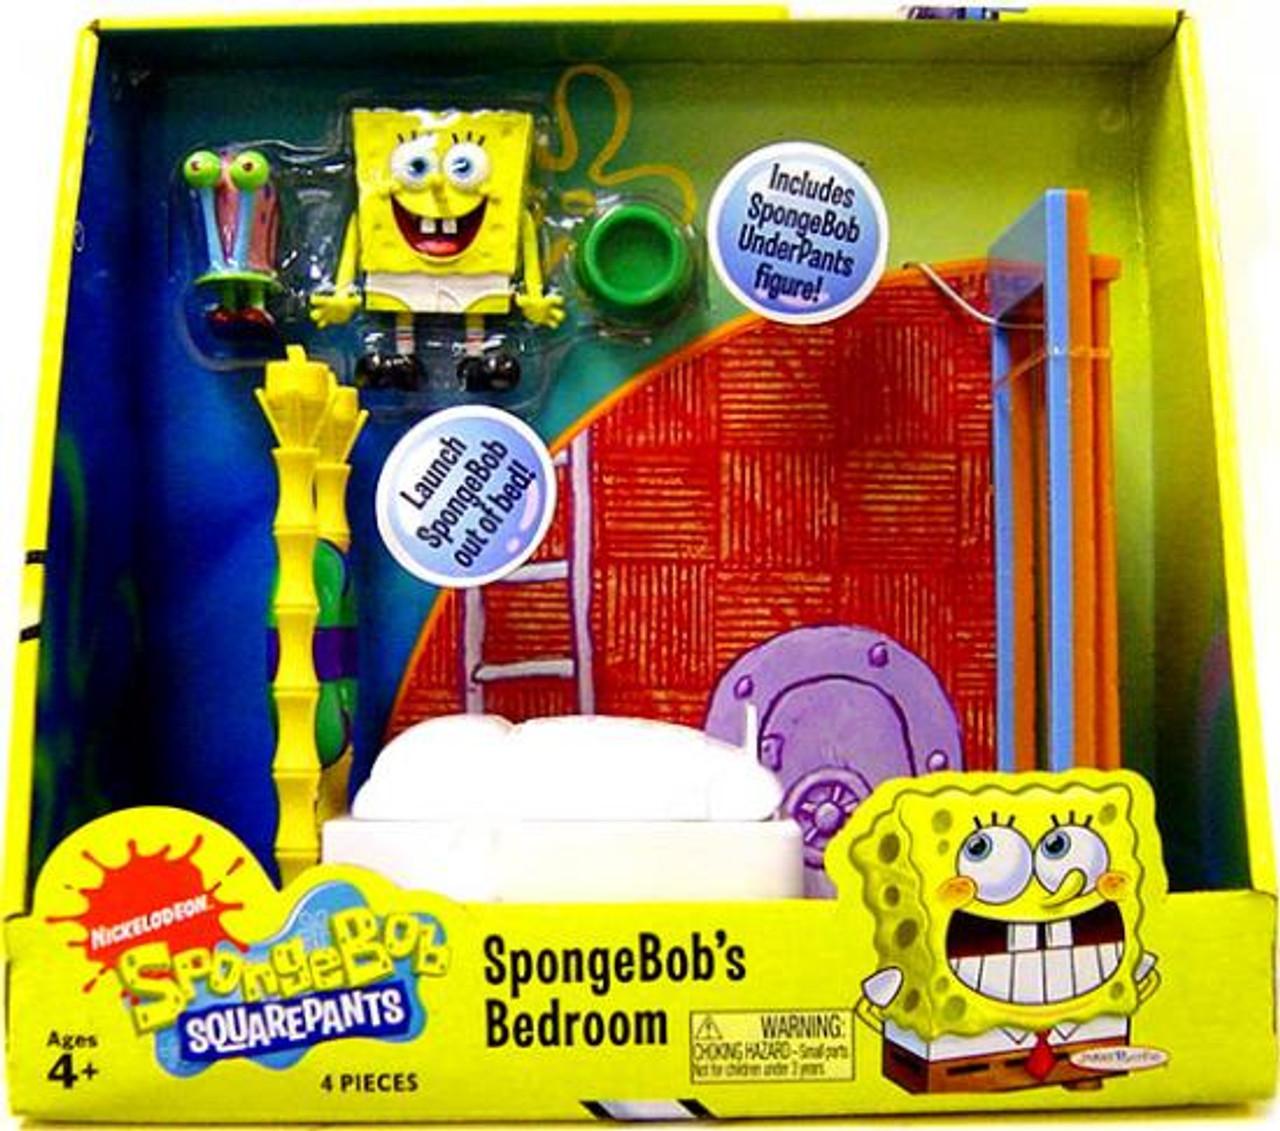 Spongebob Squarepants Spongebob s Bedroom Playset. Spongebob Squarepants Spongebobs Bedroom Playset Jakks Pacific